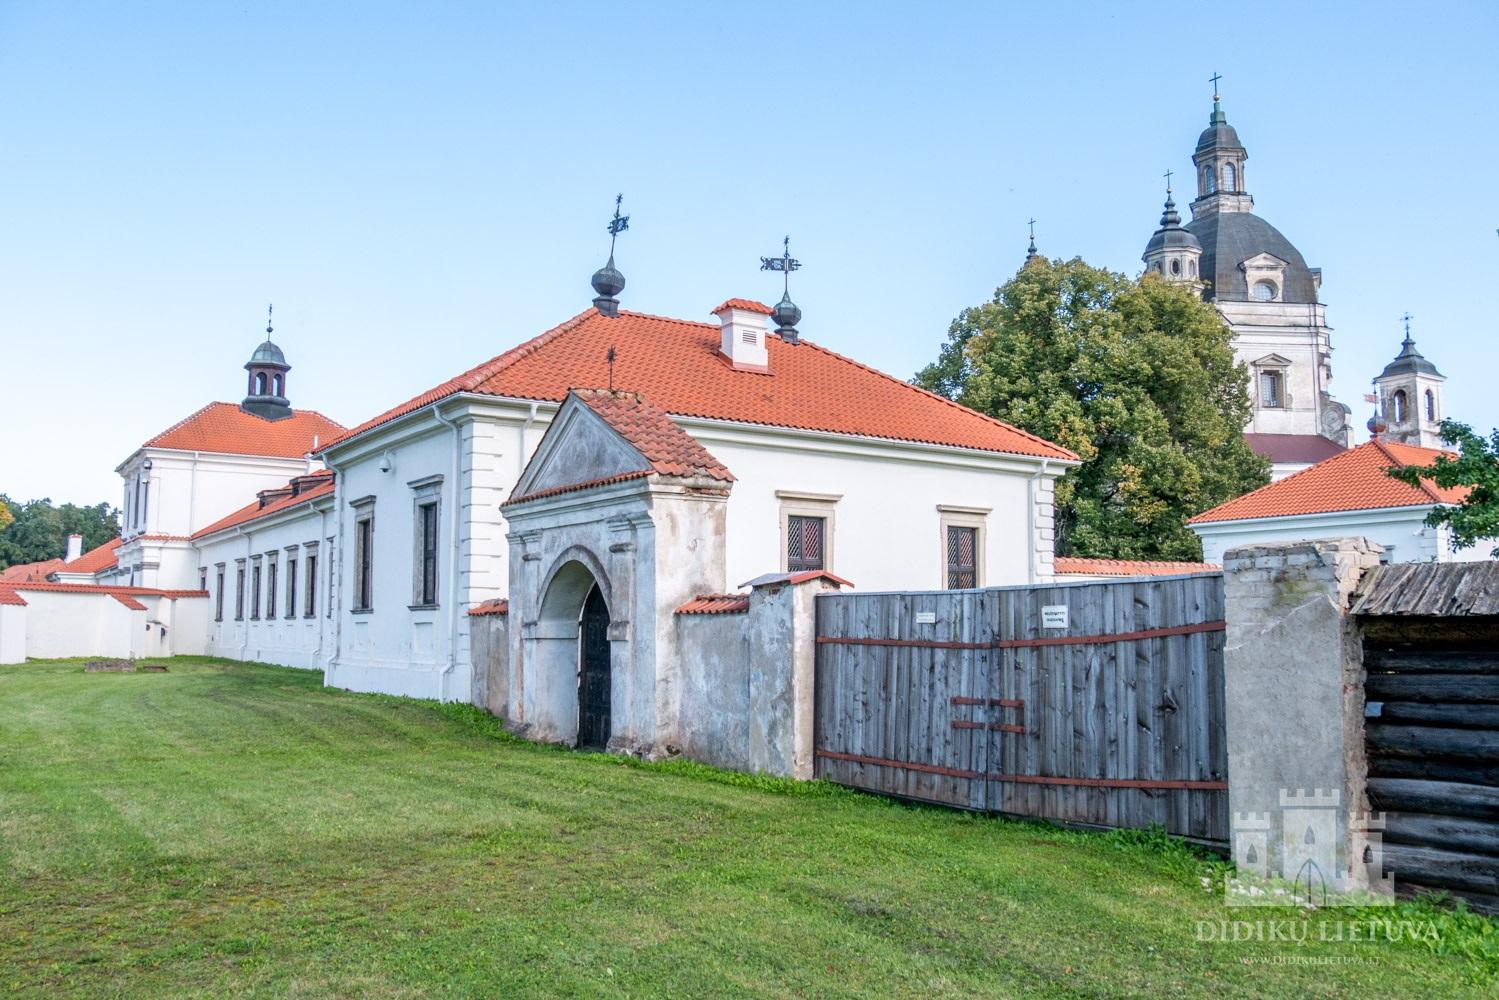 Pažaislio kamaldulių vienuolyno ansamblio pietų sodo tvora su vartais